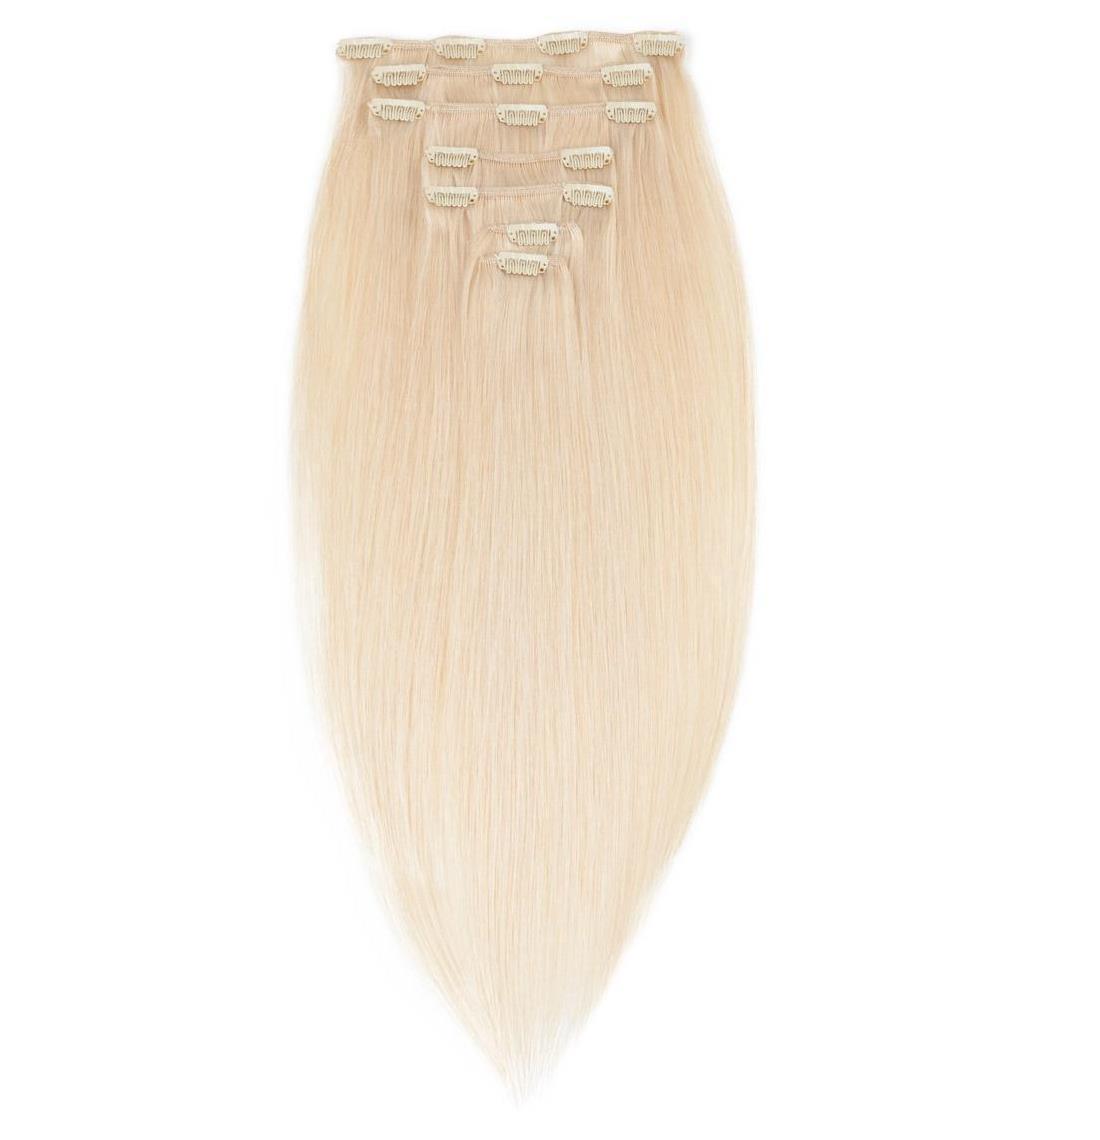 Волосся на заколках 50 см. Колір #60 Холодний блонд